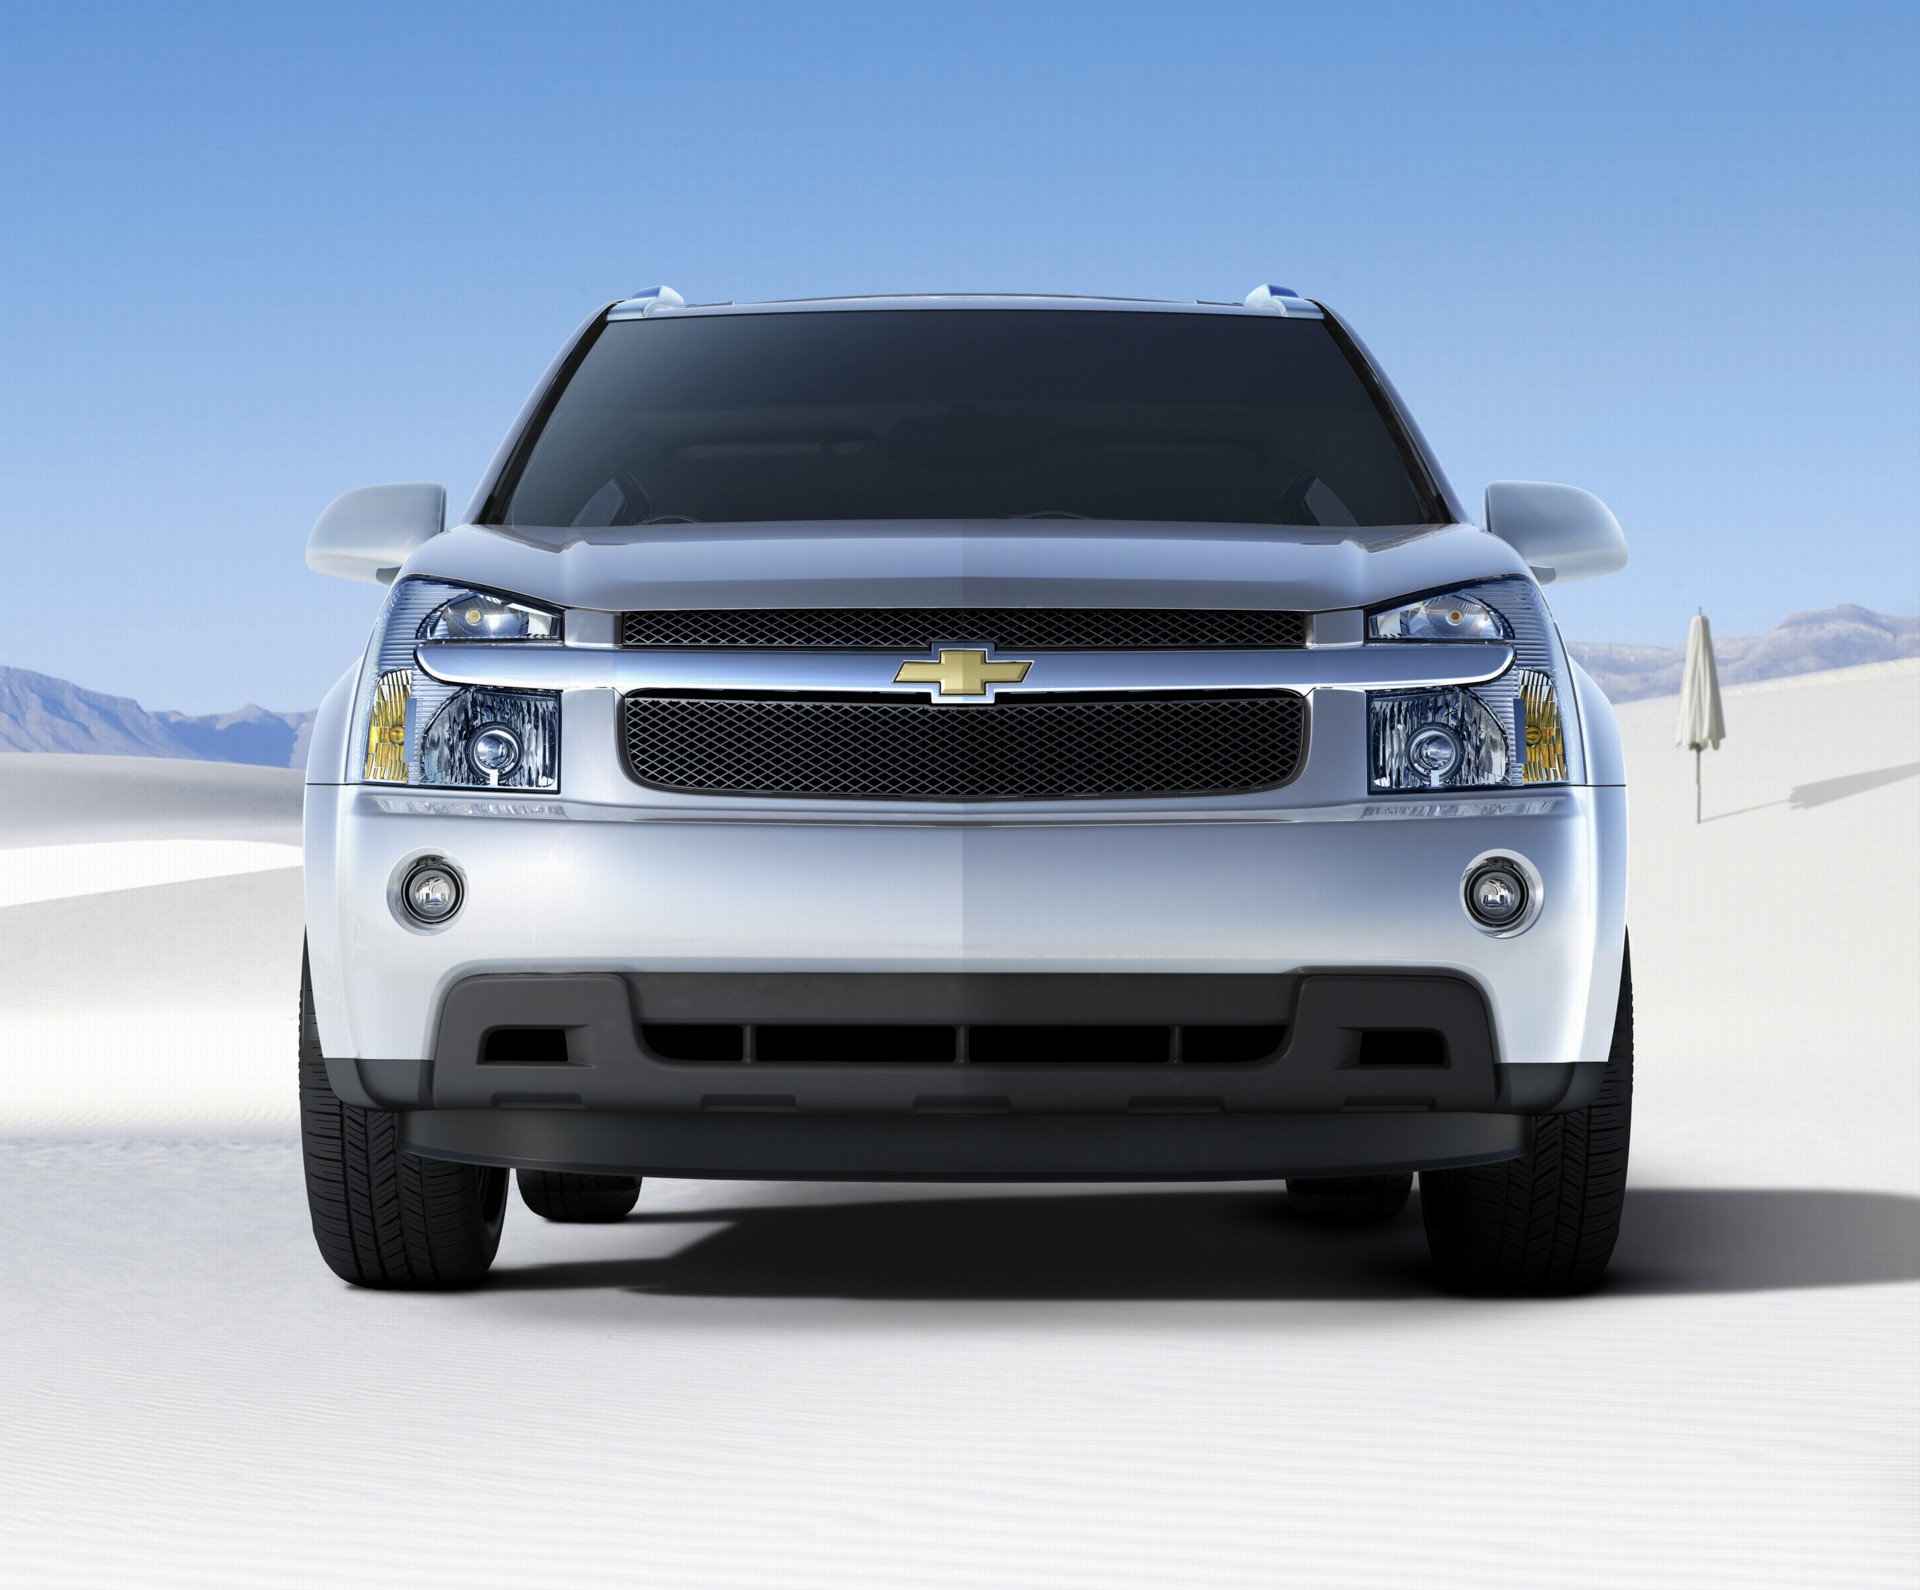 2007 Chevrolet Equinox | conceptcarz.com